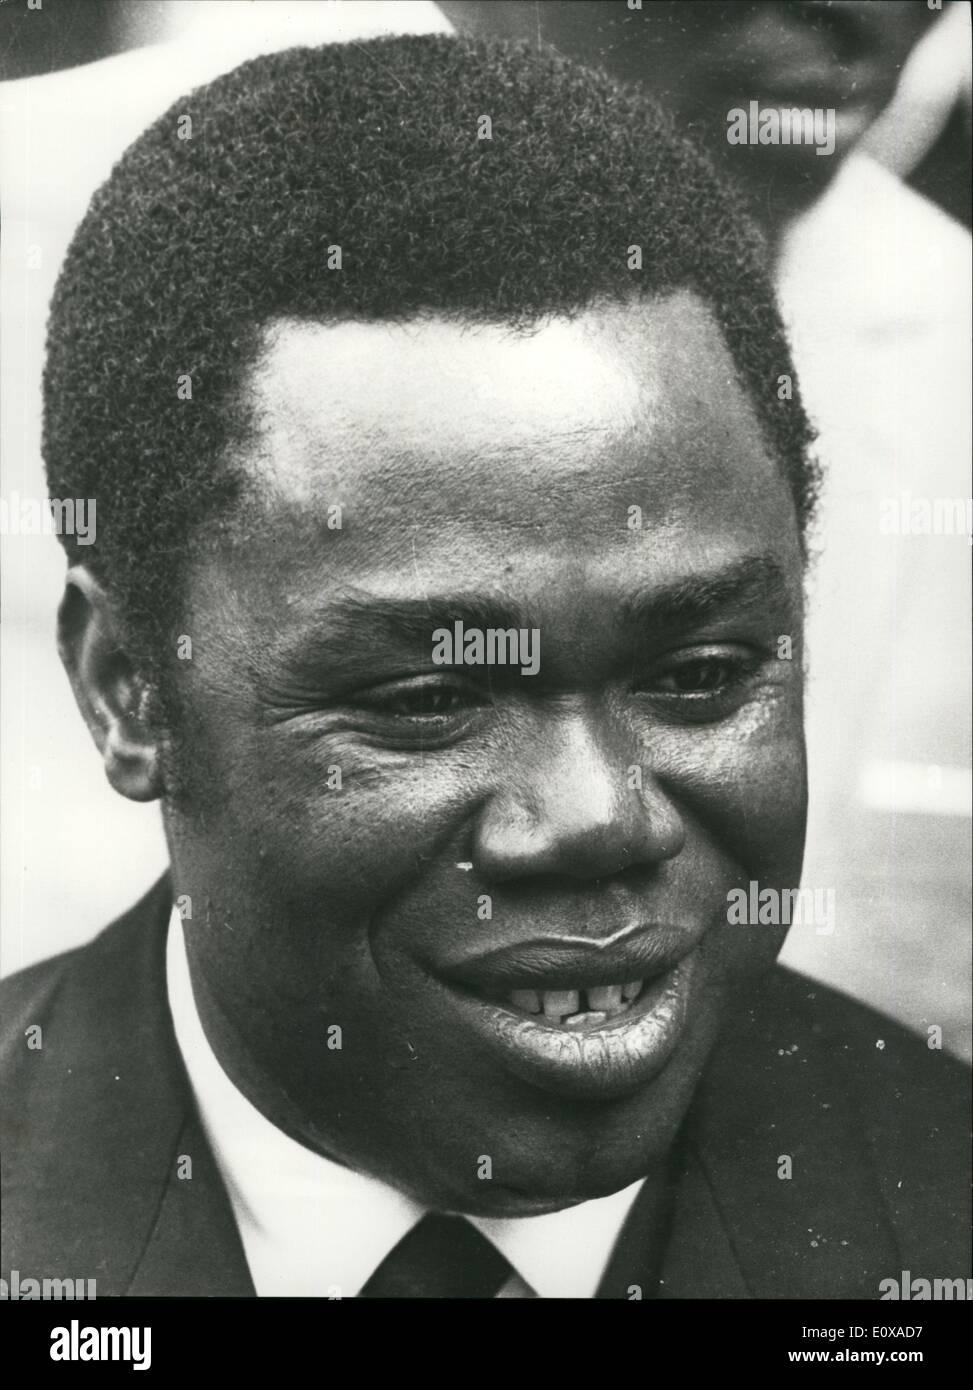 1. Januar 1966 - Veranstaltungen in Afrika: Präsidenten Dacko gestürzt: einen militärischen Staatsstreich fand in Bangui 9Captial der Zentralafrikanischen Republik) gestern. Präsidenten Dacko wurde unter Überwachung gestellt. Foto zeigt ein aktuelles Bild des Präsidenten Dacko. Stockbild